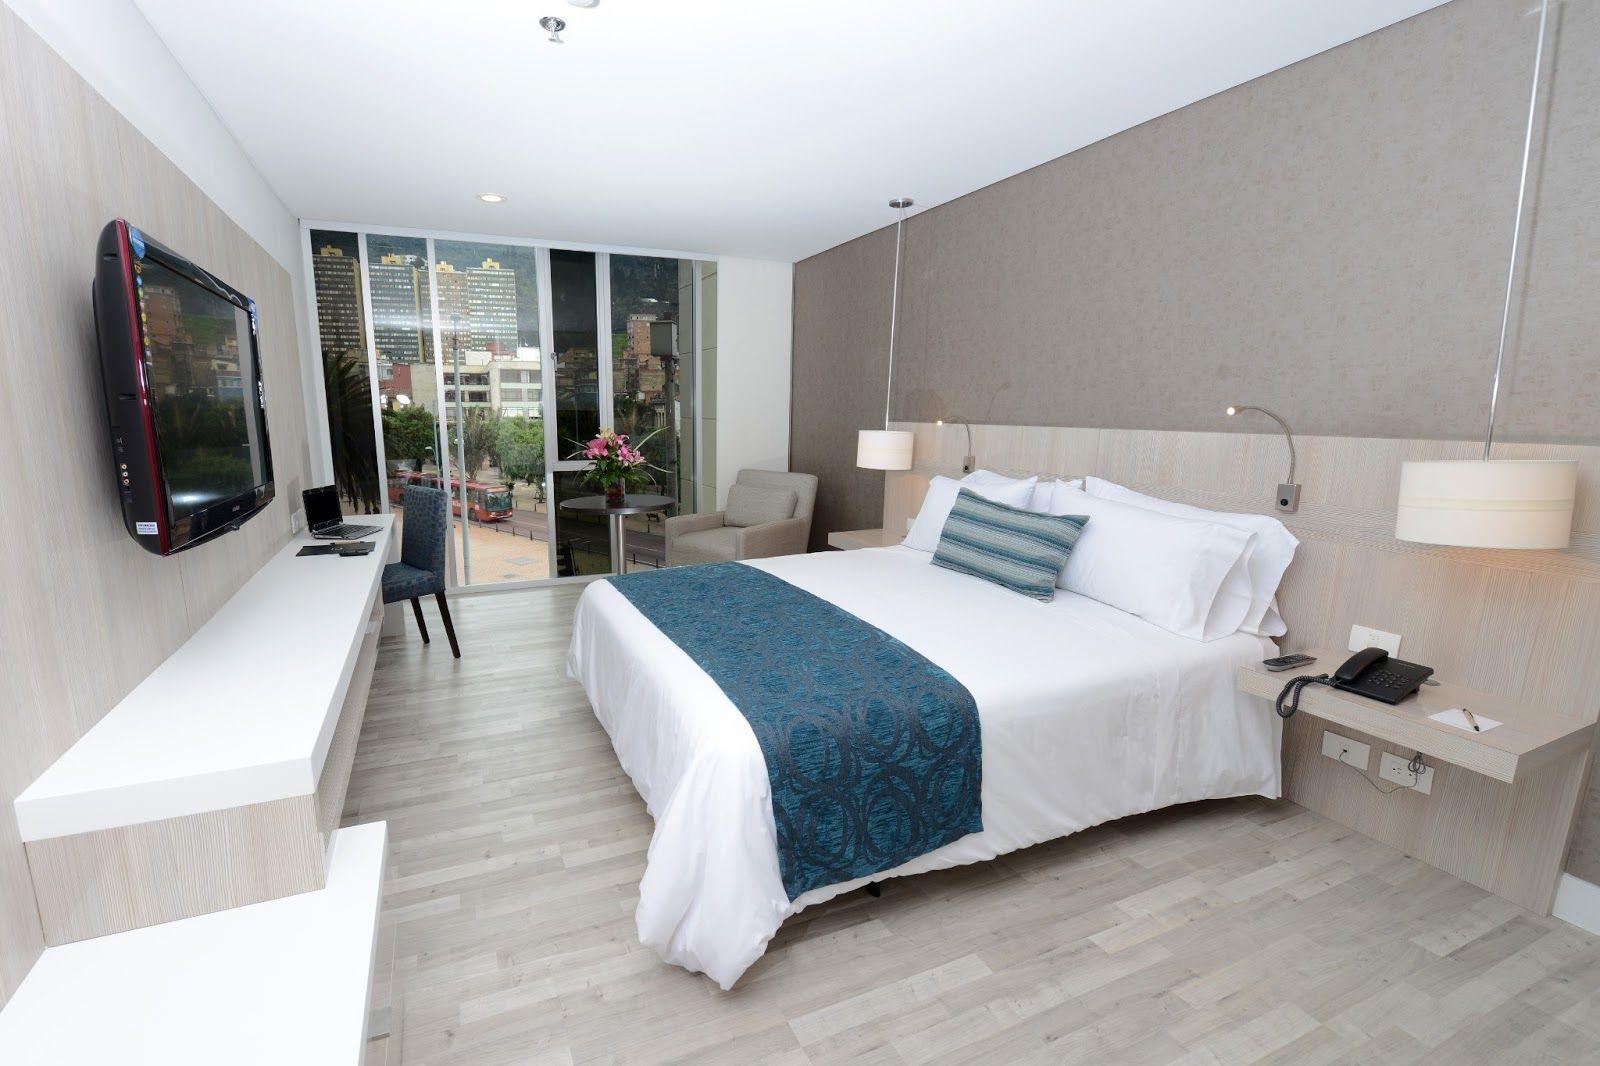 Habitaciones Modernas Dise O Interior Pinterest Habitaci N  ~ Diseño De Habitaciones Modernas